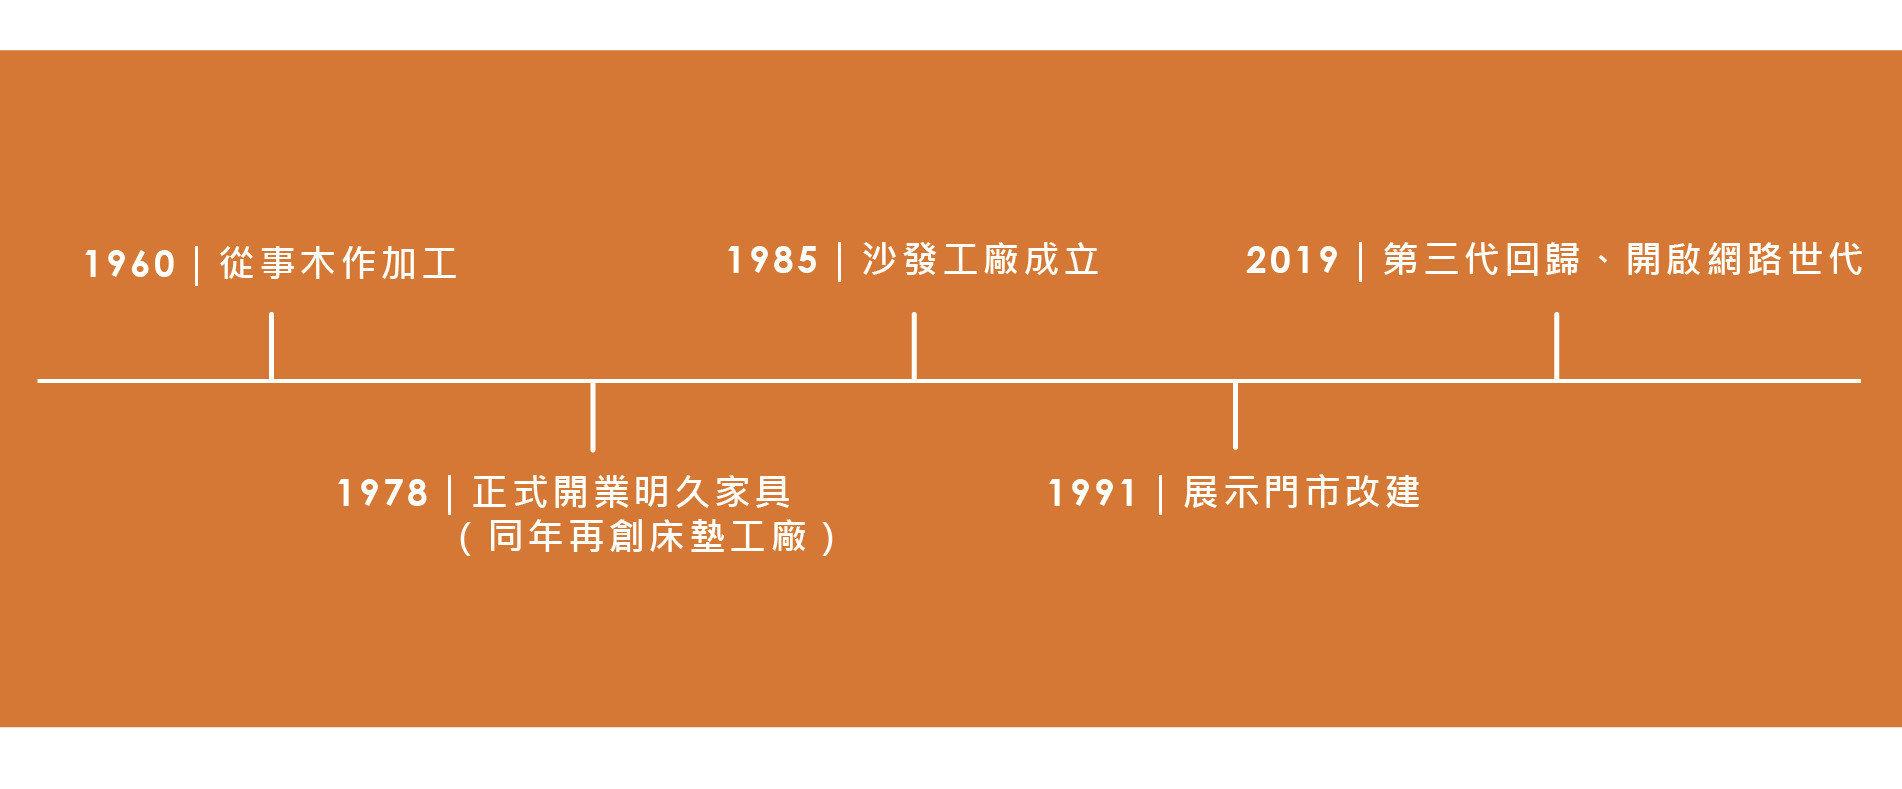 明久家具1978品牌發展沿革